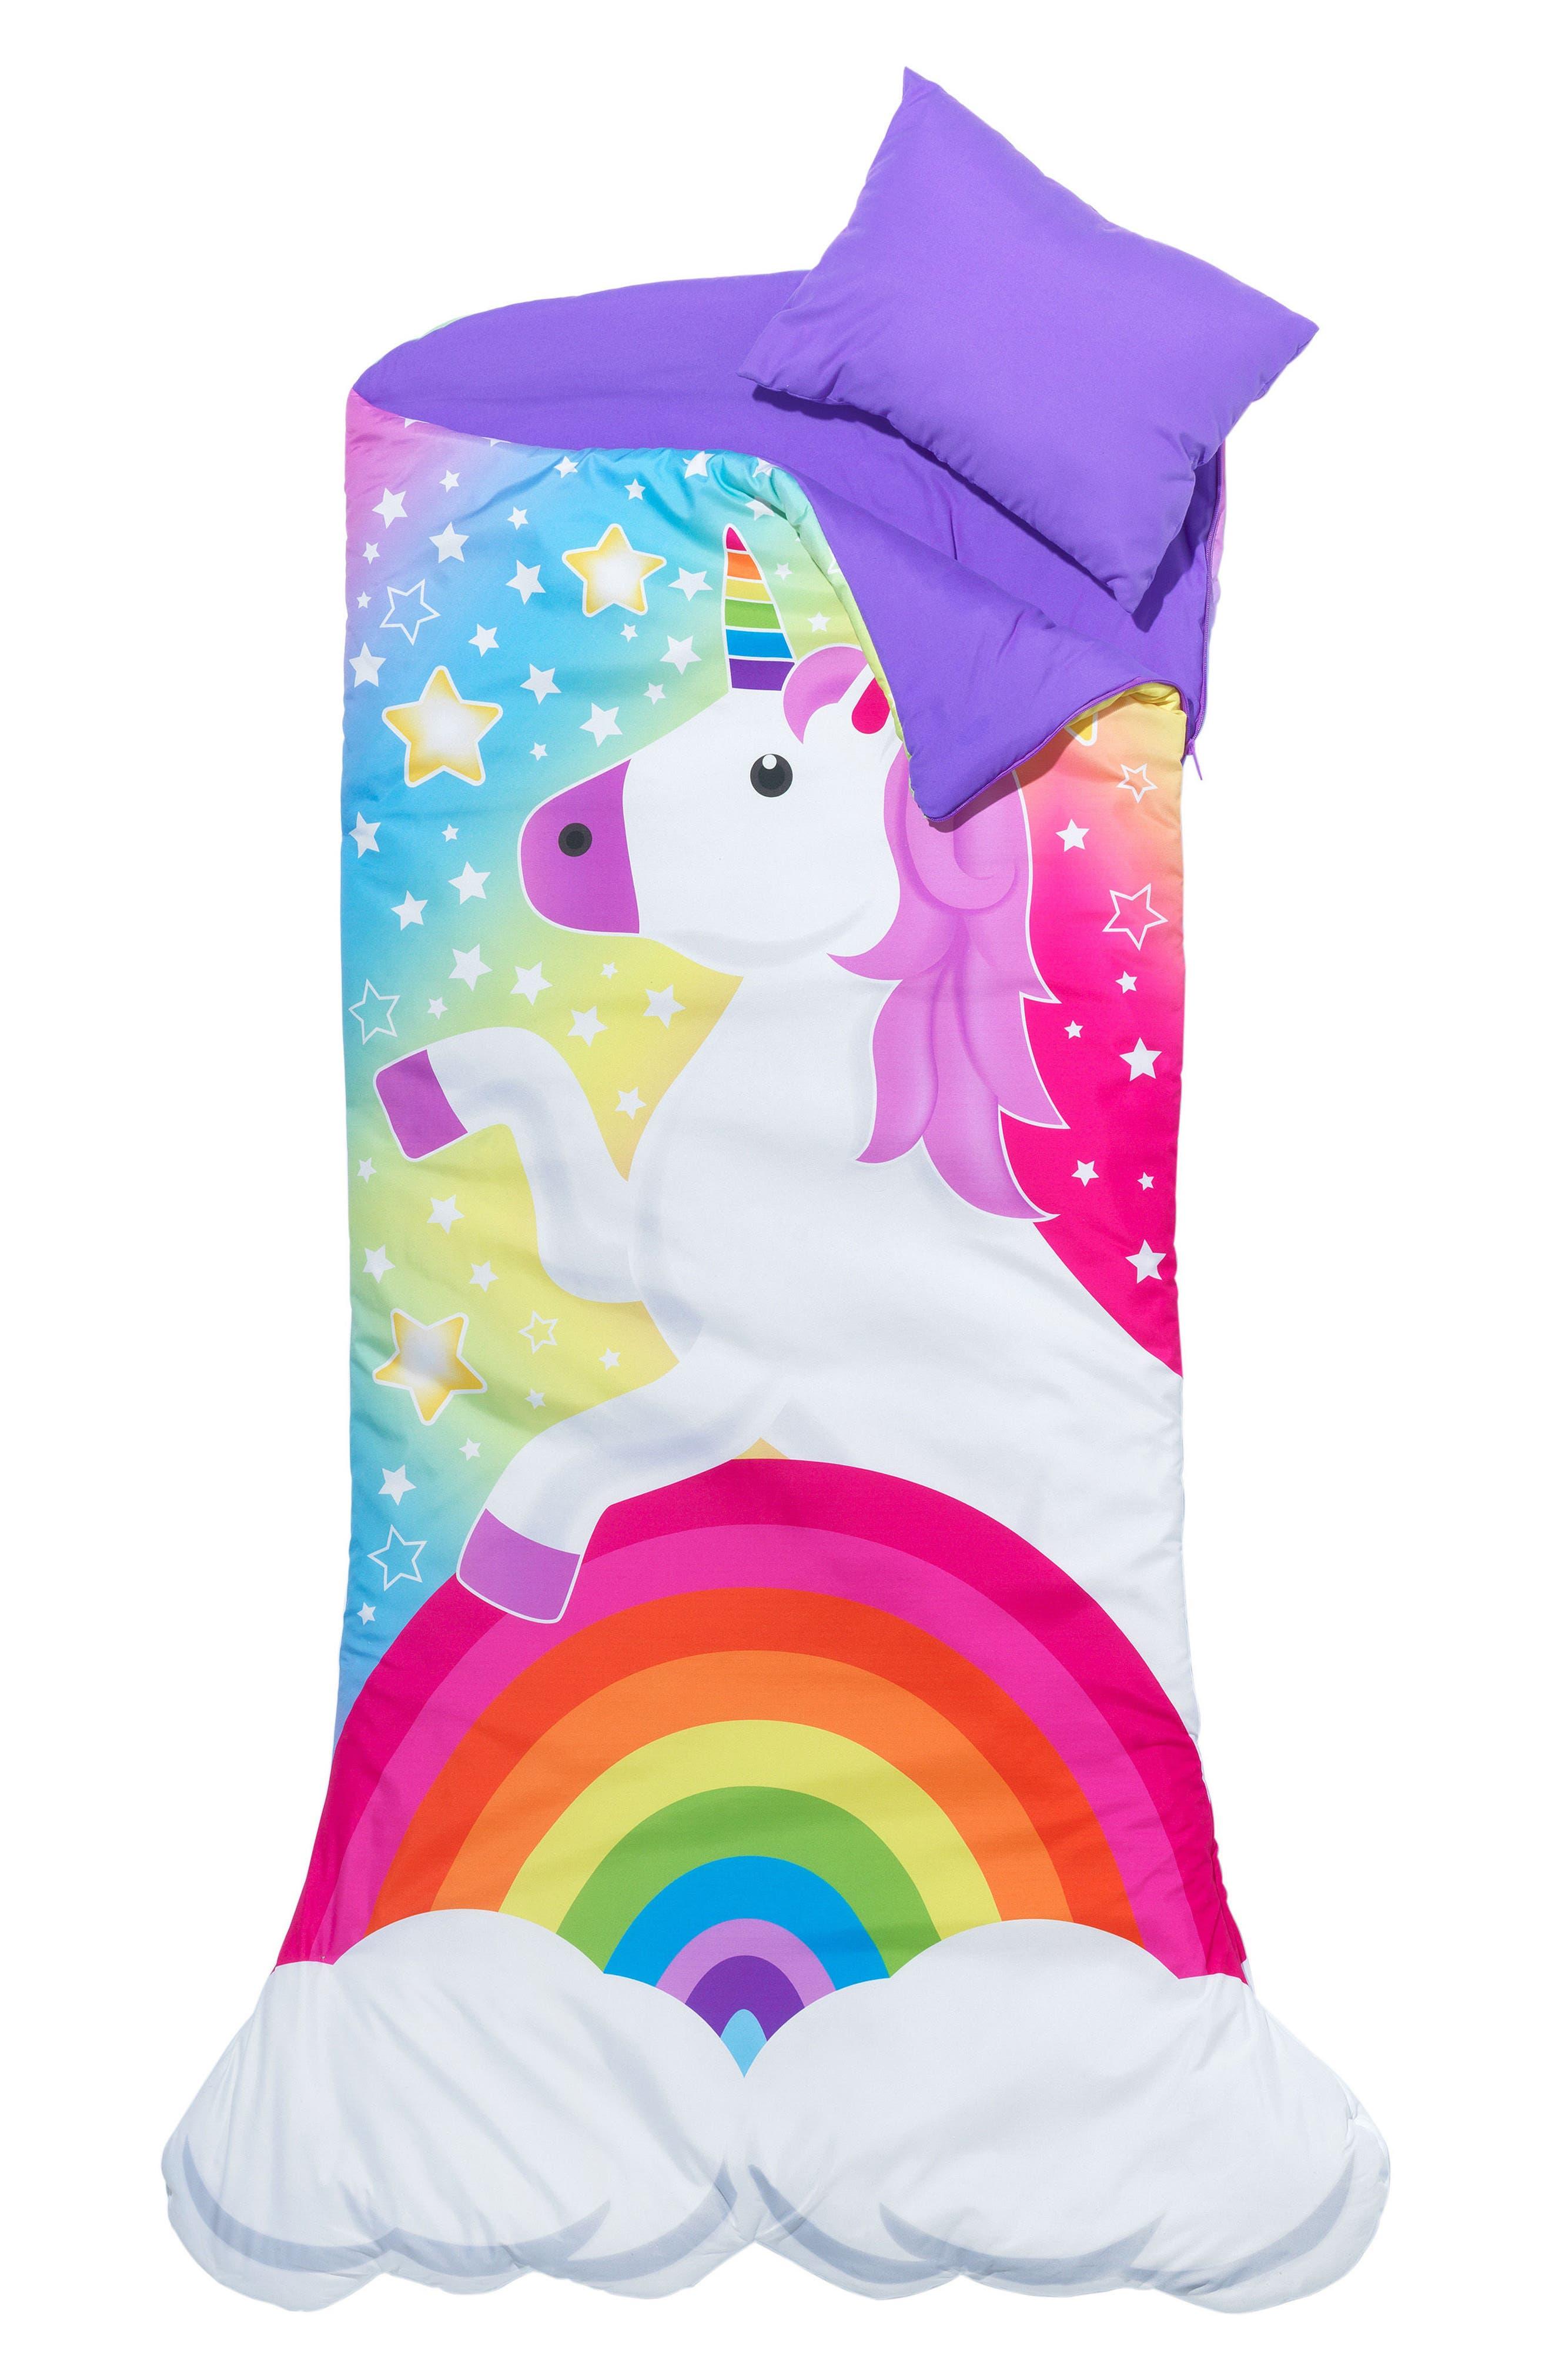 Main Image - 3C4G Unicorn Sleeping Bag Set